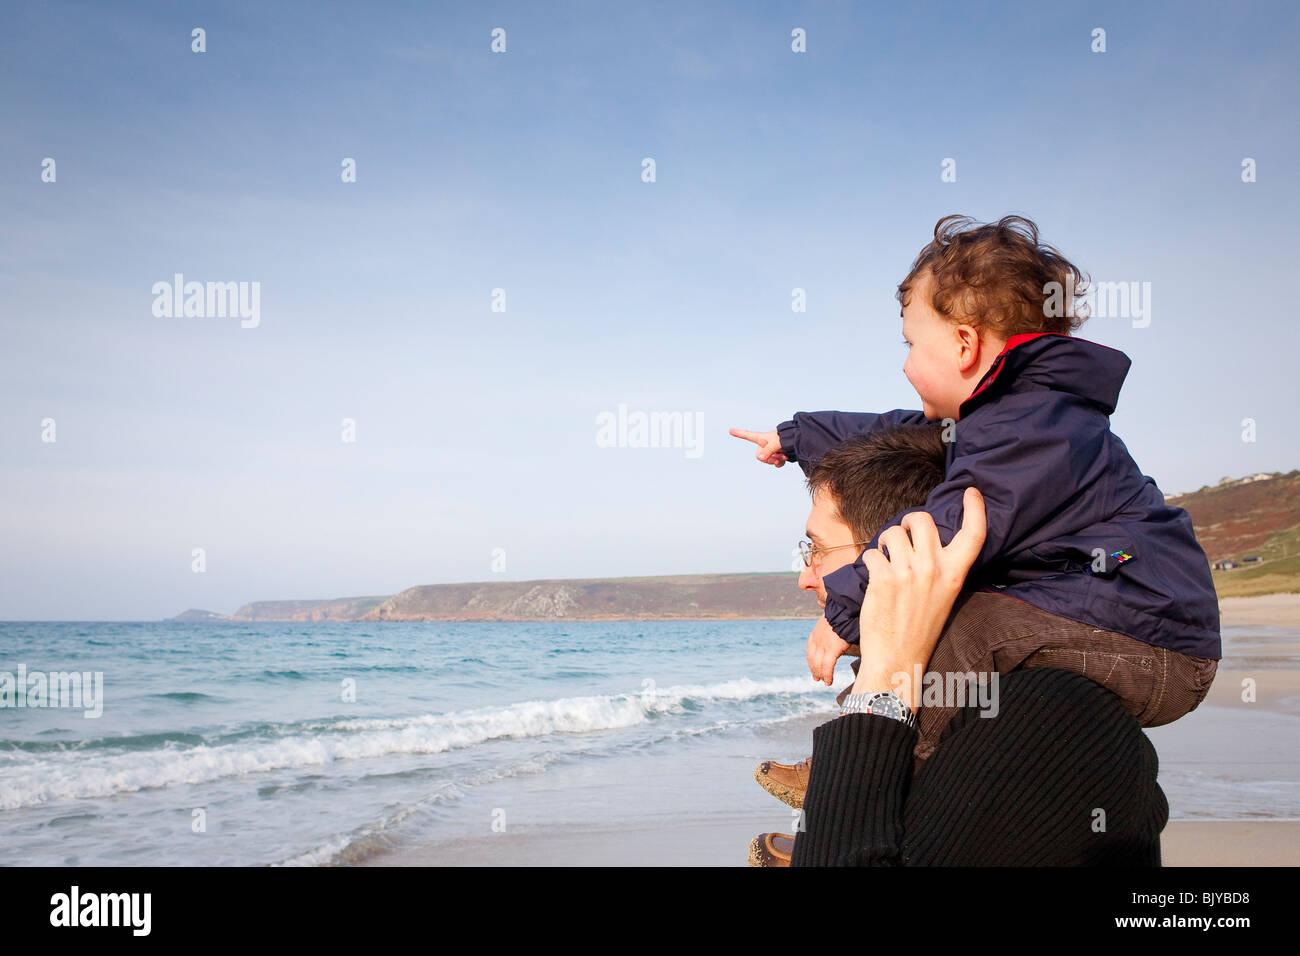 El hombre con el niño sobre los hombros mirando a ver. Niño apuntando. Imagen De Stock